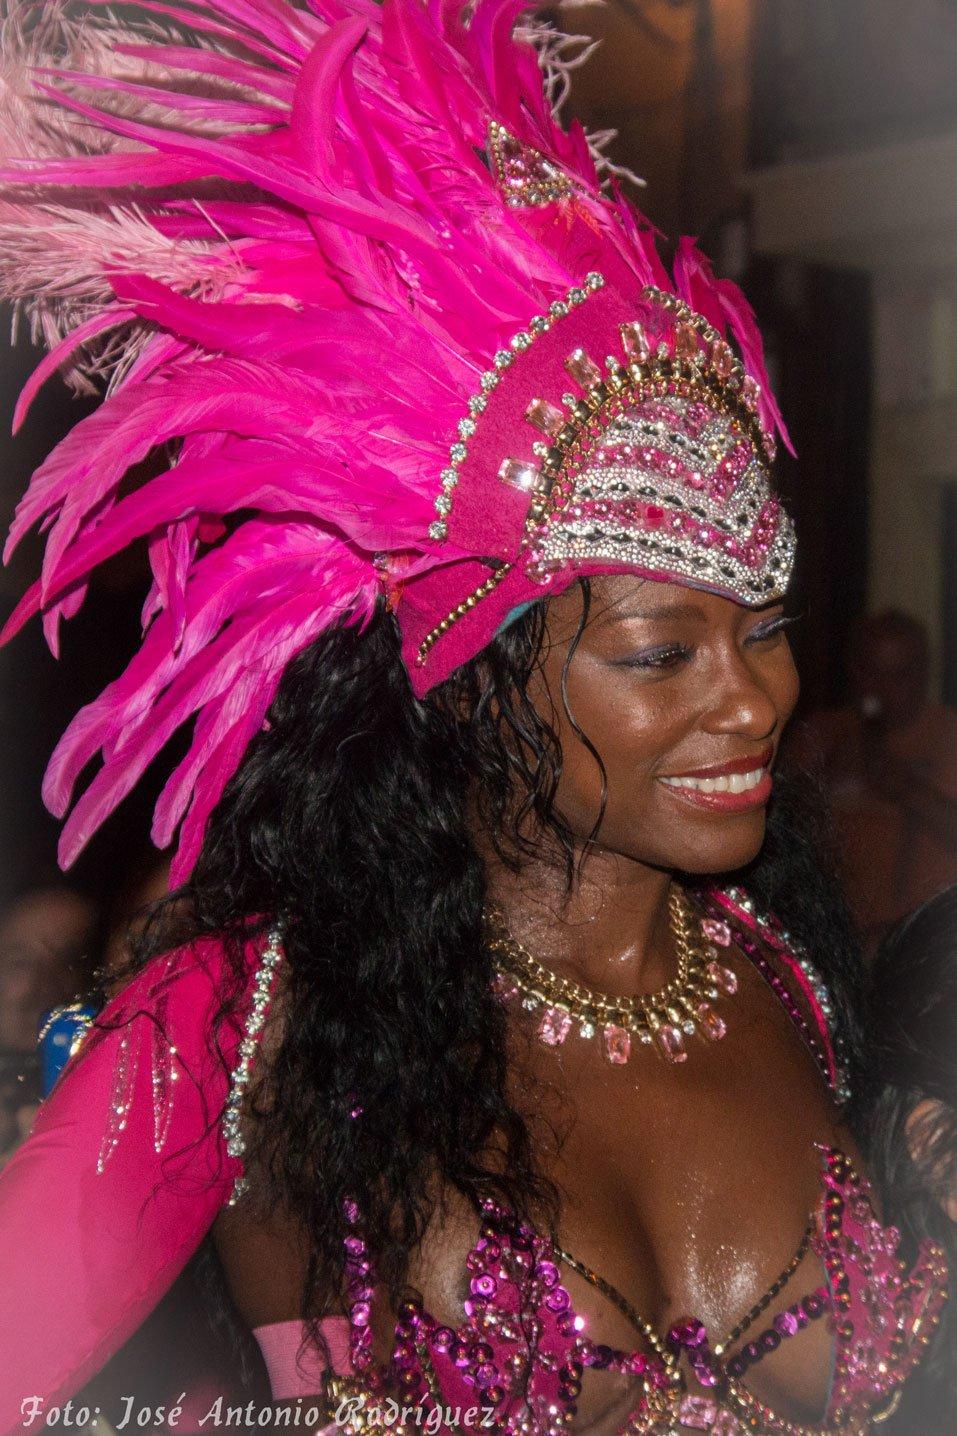 carnaval-de-verano-2015_20062640410_o